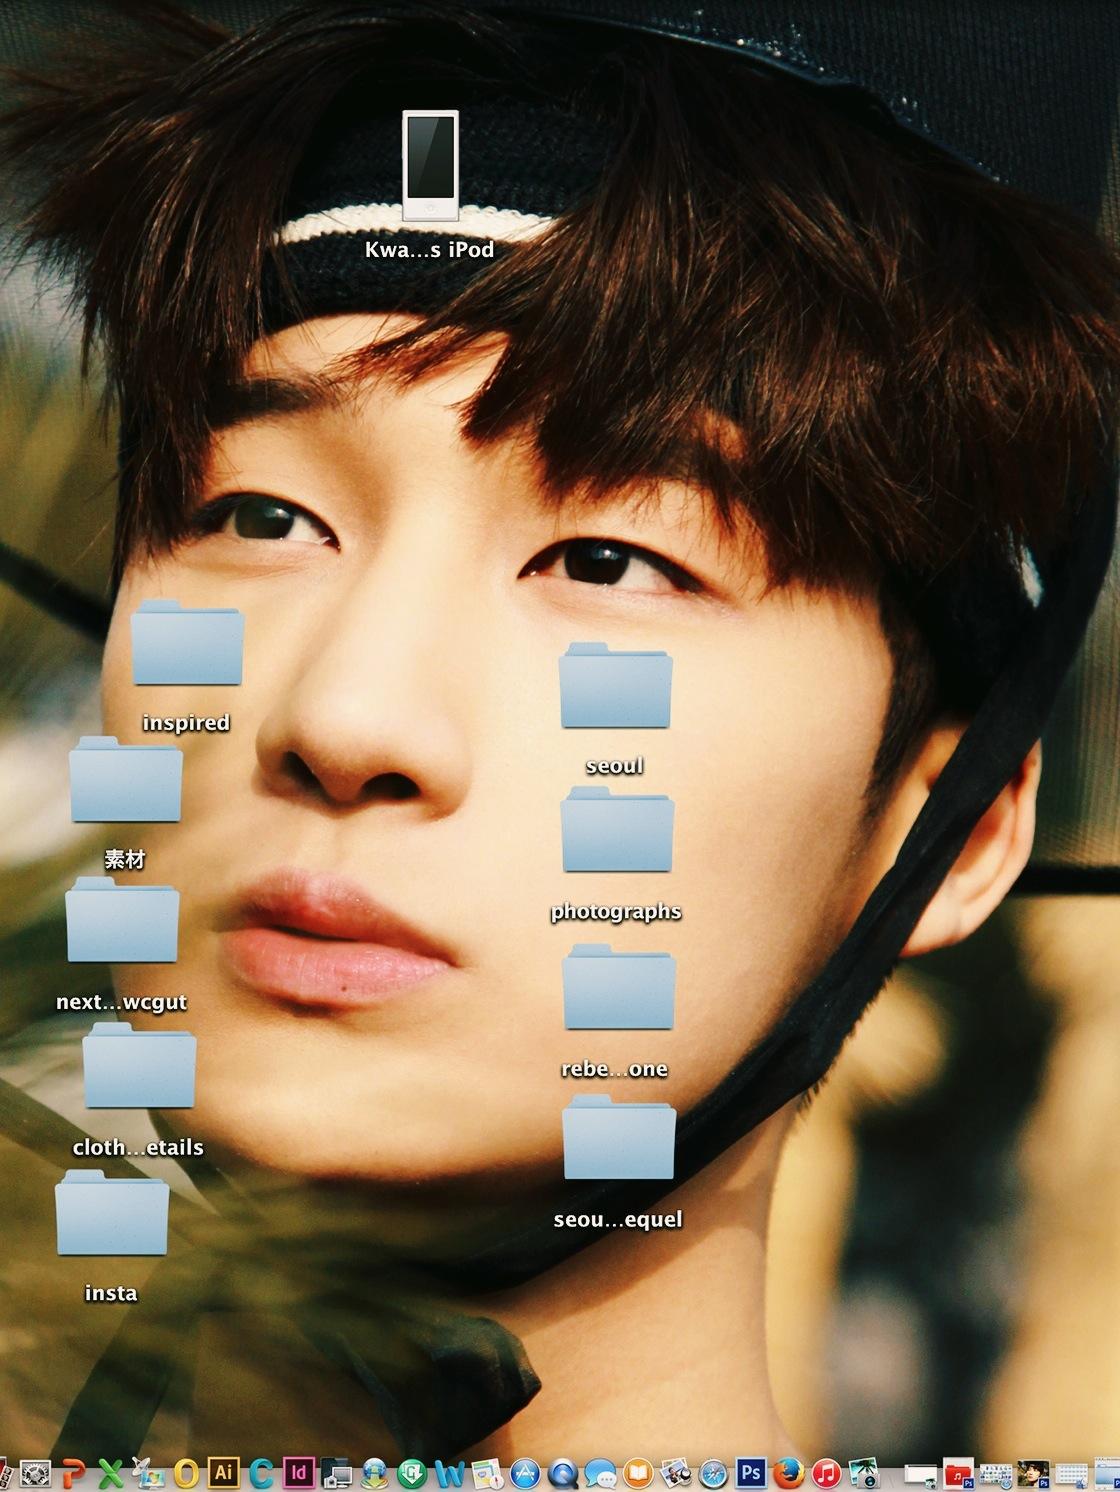 juwong folder tears vsco